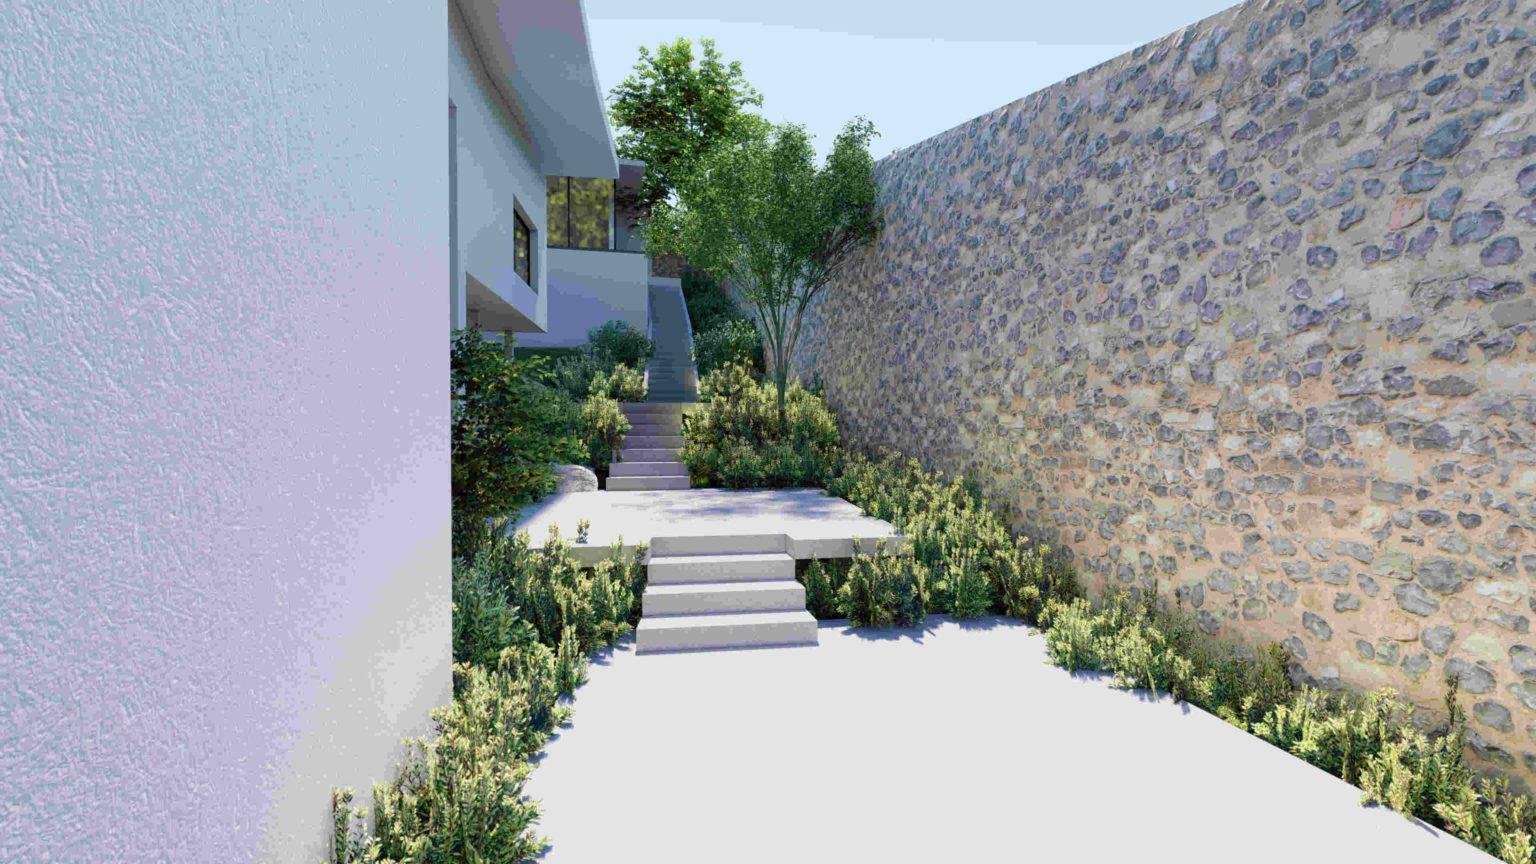 Imágenes de proyecto de paisajismo en Navacerrada